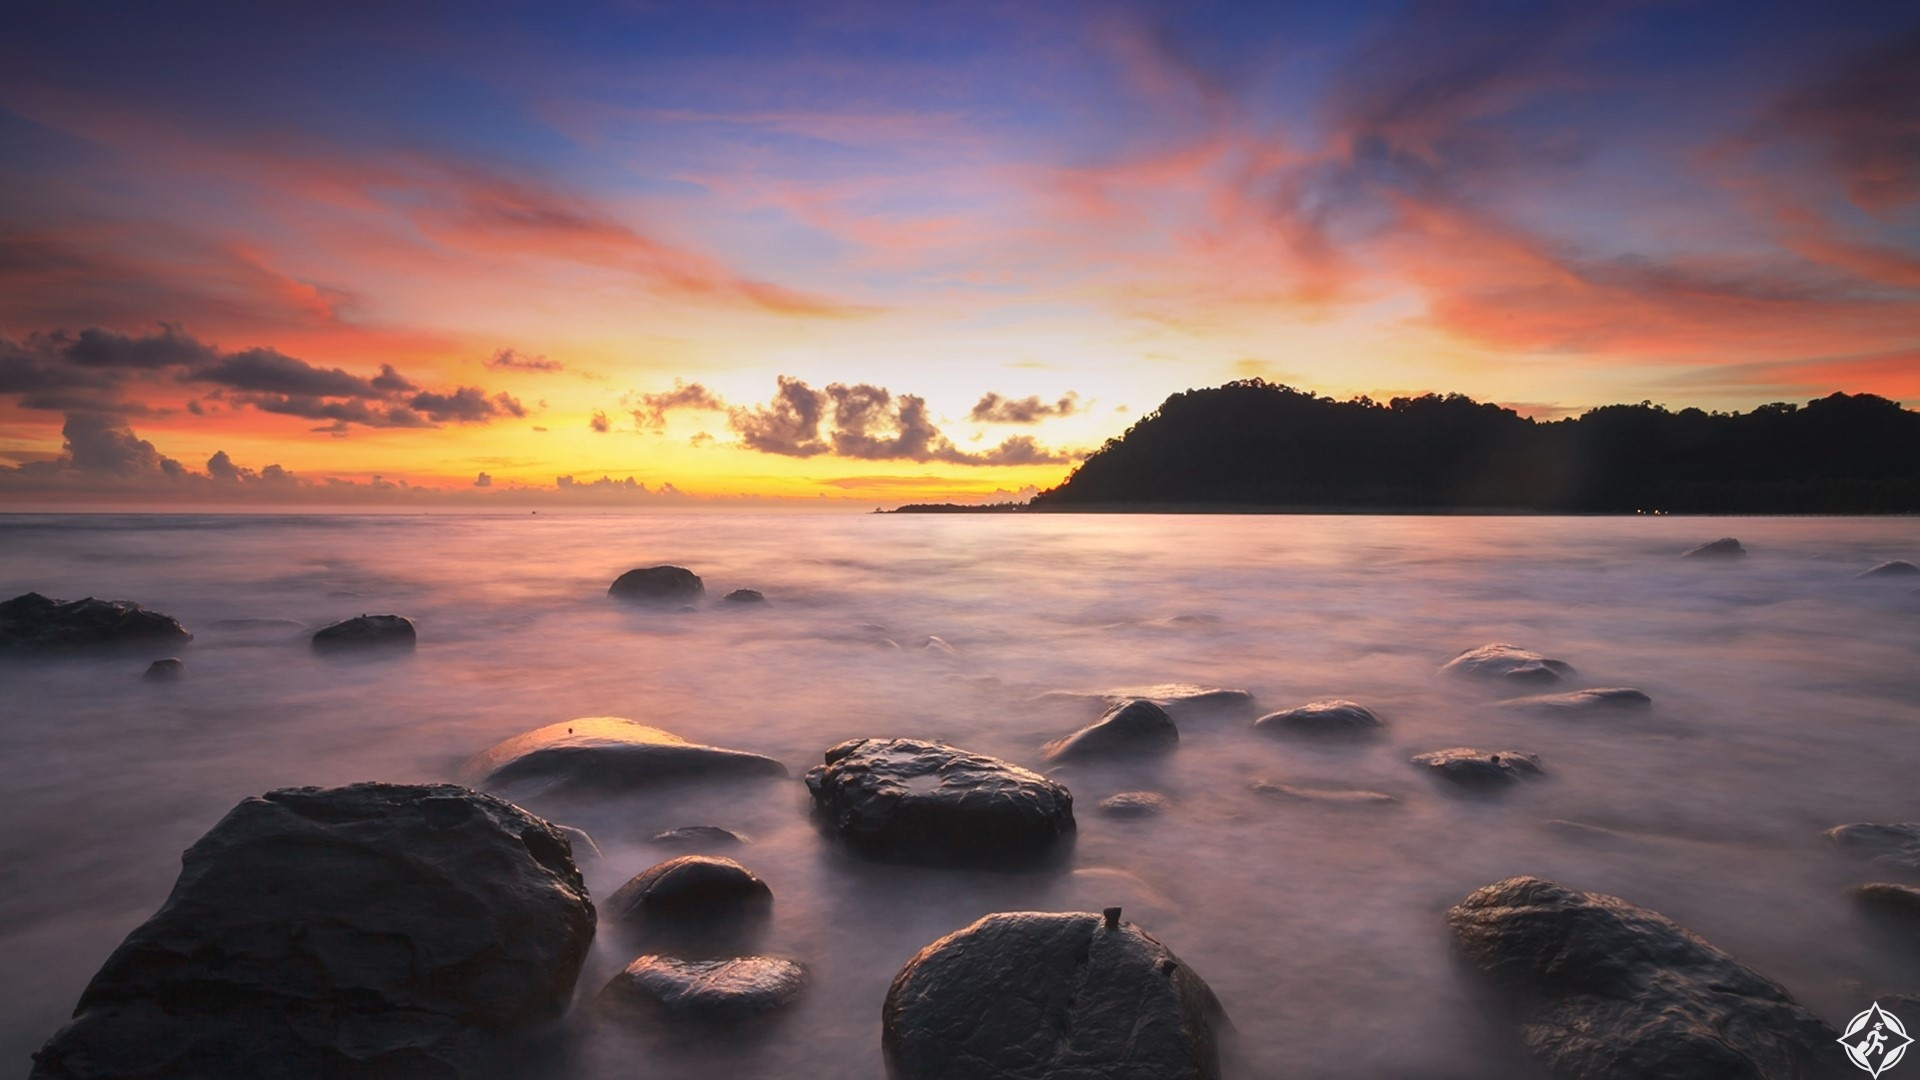 كو كوت الجزيرة الأكثر هدوءا وخصوصية في تايلند image.php?token=969ec03026c856037da434e8b0a4af88&size=large